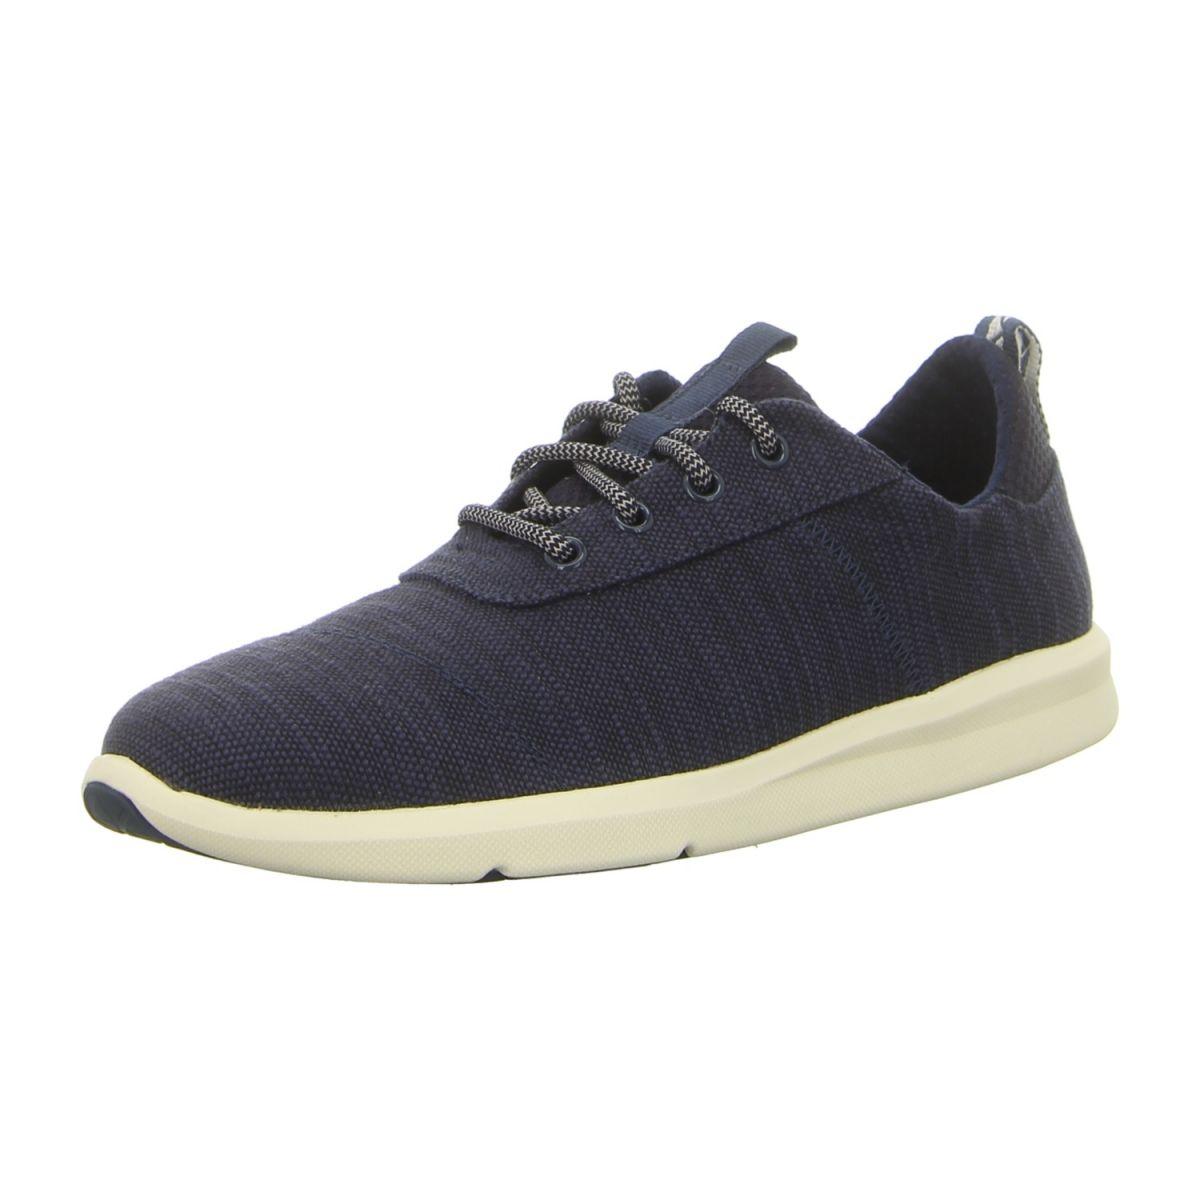 NEU: TOMS Sneaker Cabrillo 10011575 navy | Schuhe